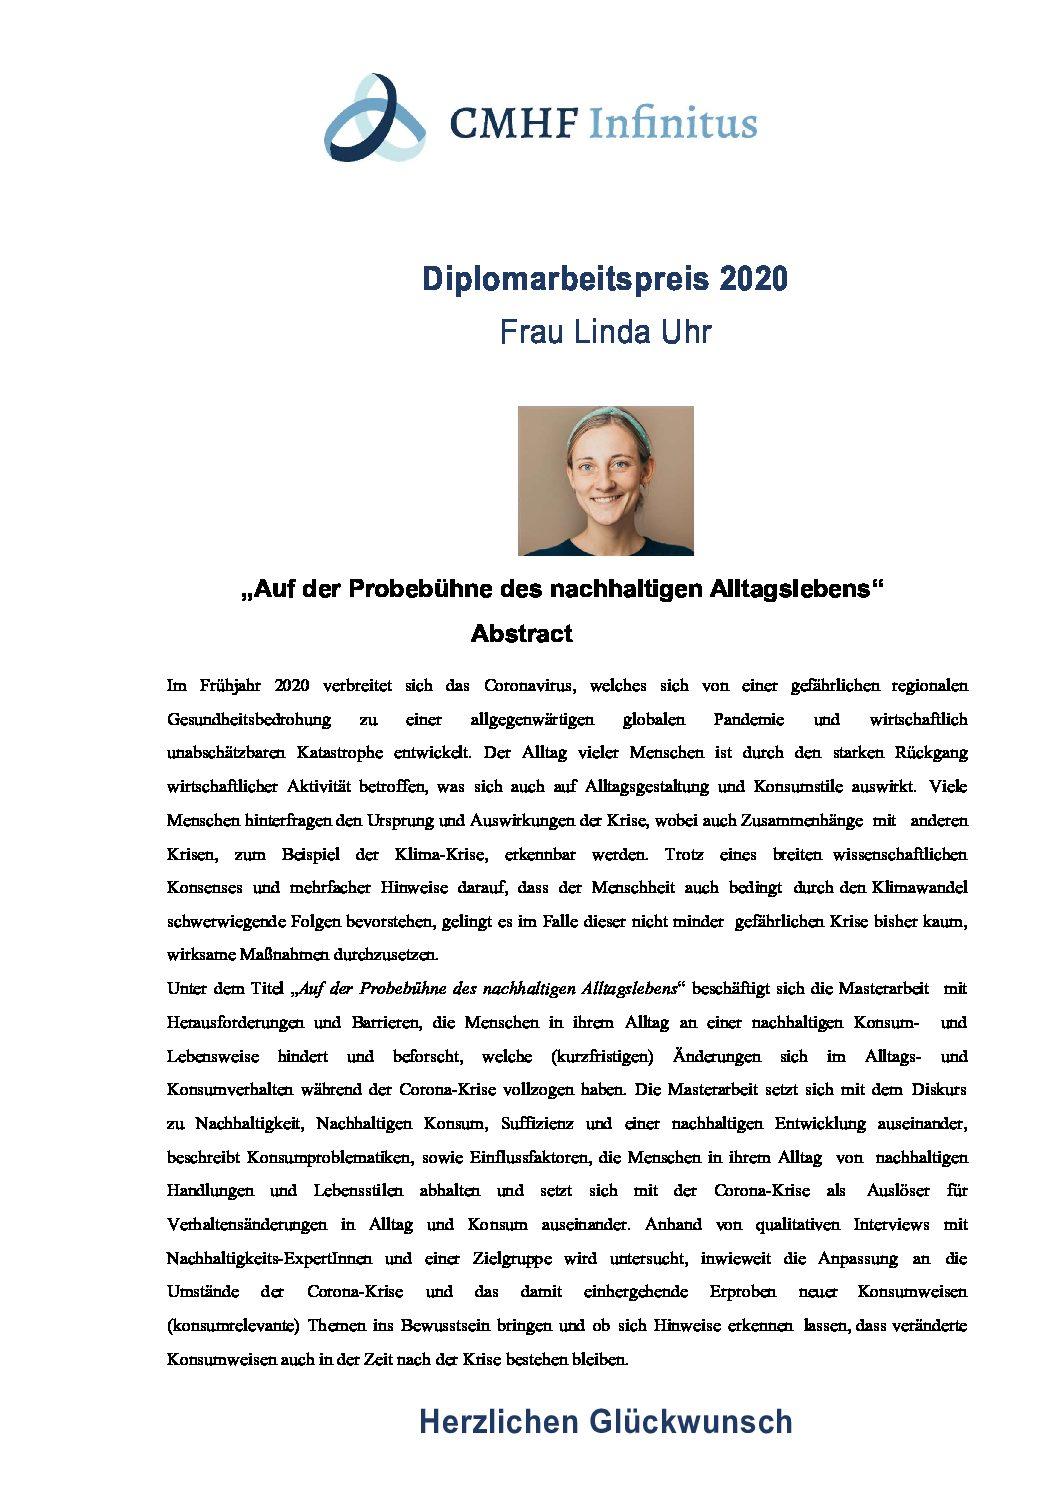 Diplomarbeitspreis 2020